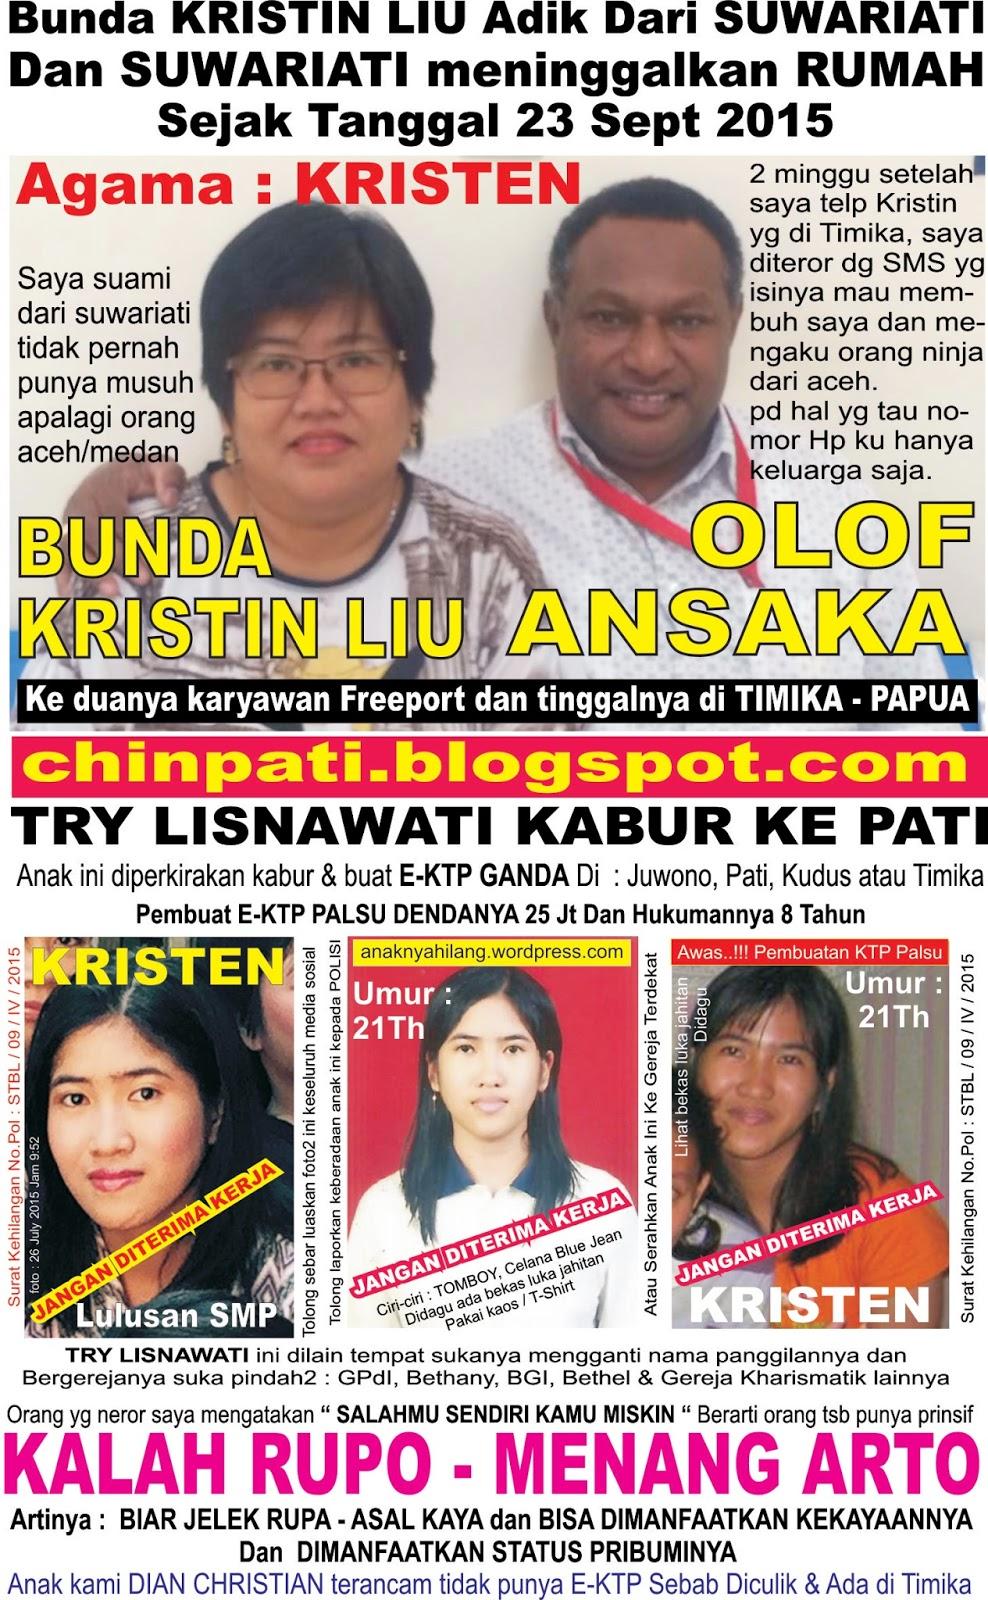 Tukang Baja Ringan Lombok Tour And Travel, Jual Tiket Promo, Jasa Antar Jemput ...